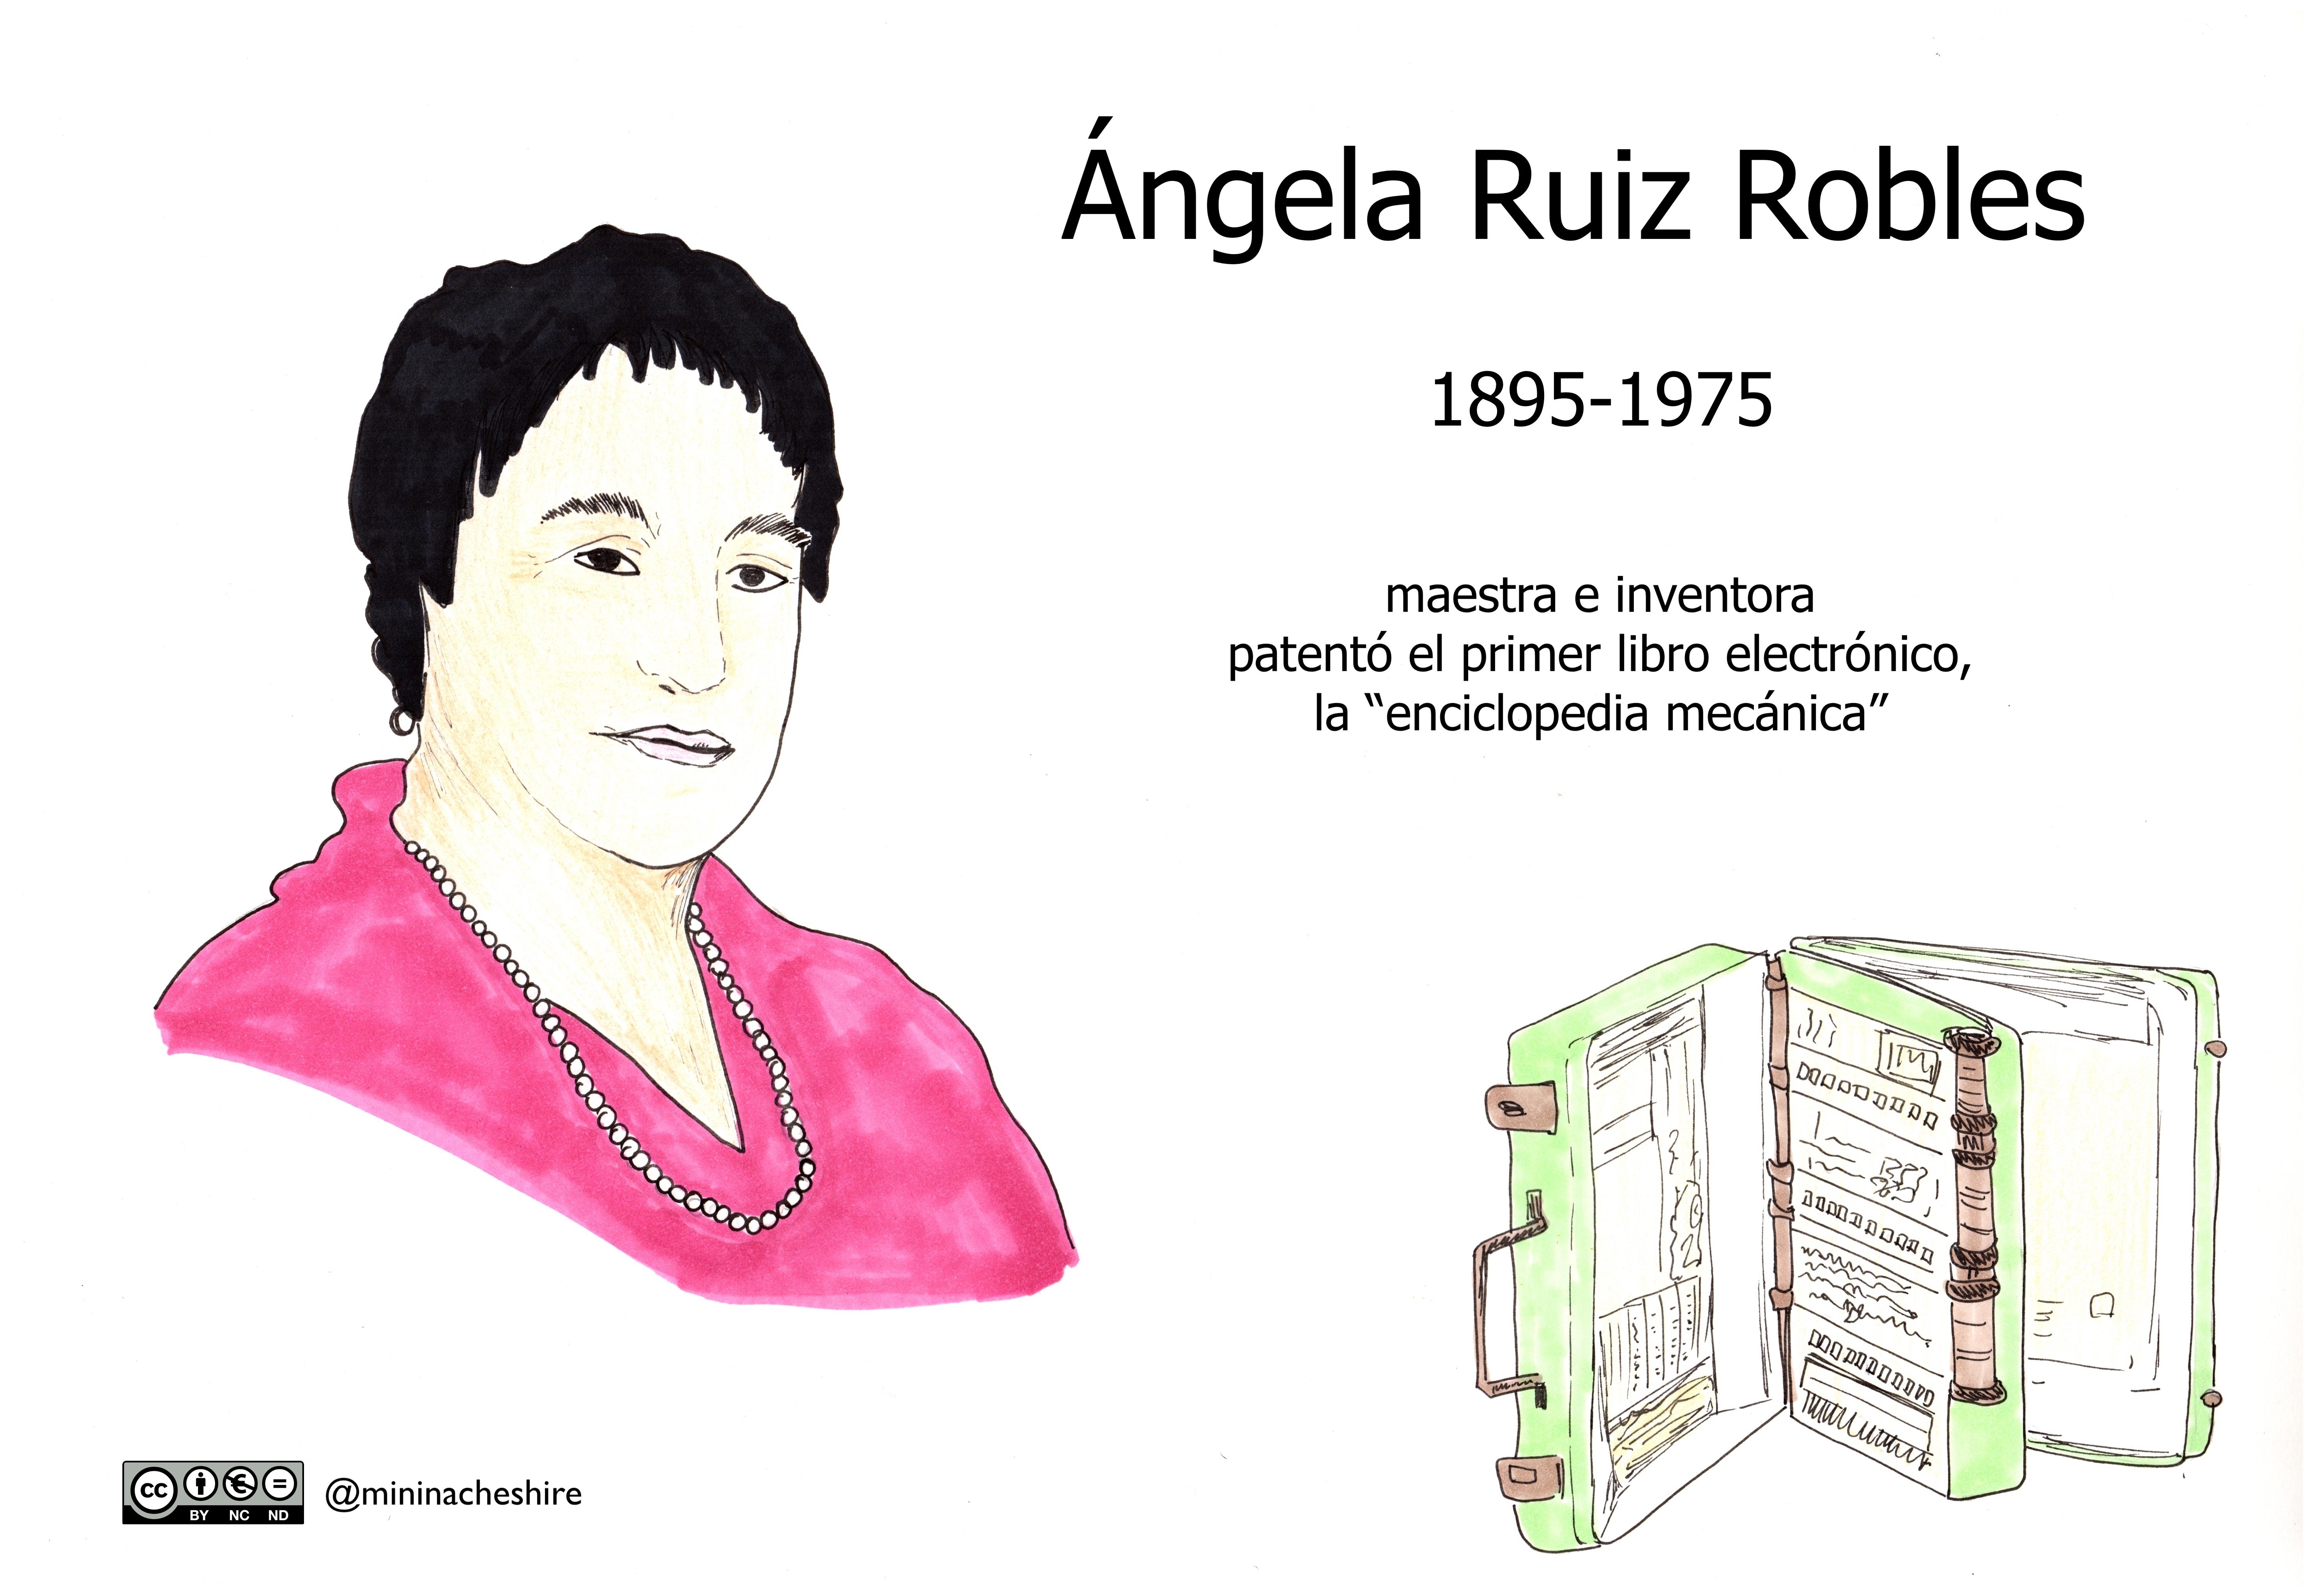 Poster completo de Angela Ruiz